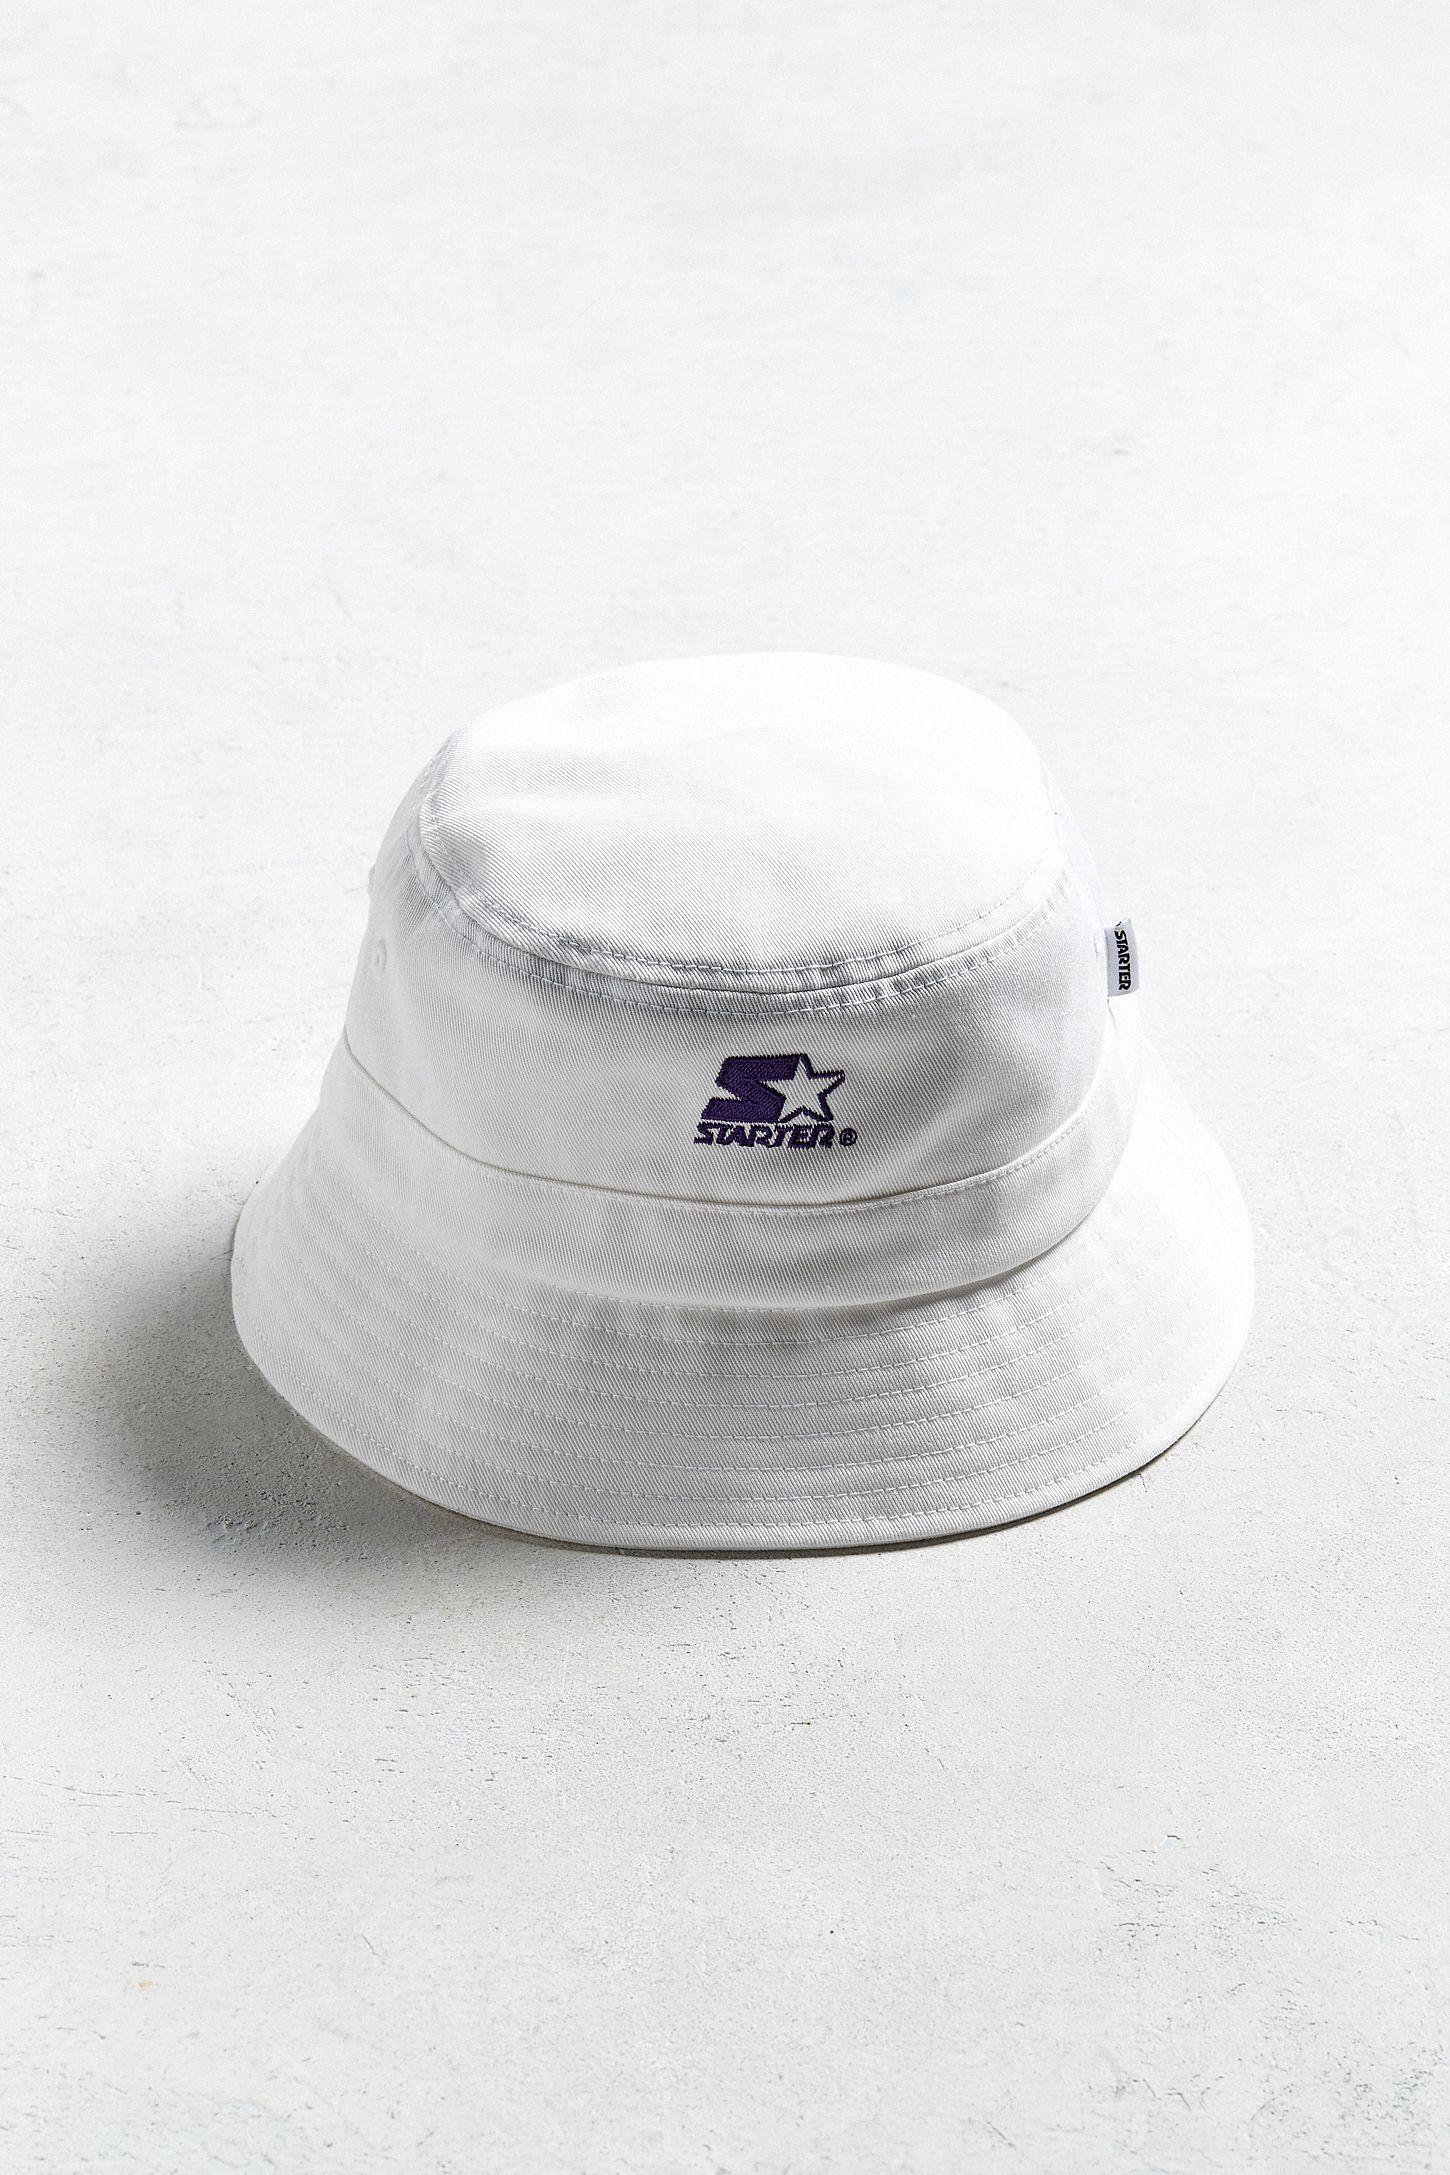 567188d34d5 Starter Black Label Bucket Hat